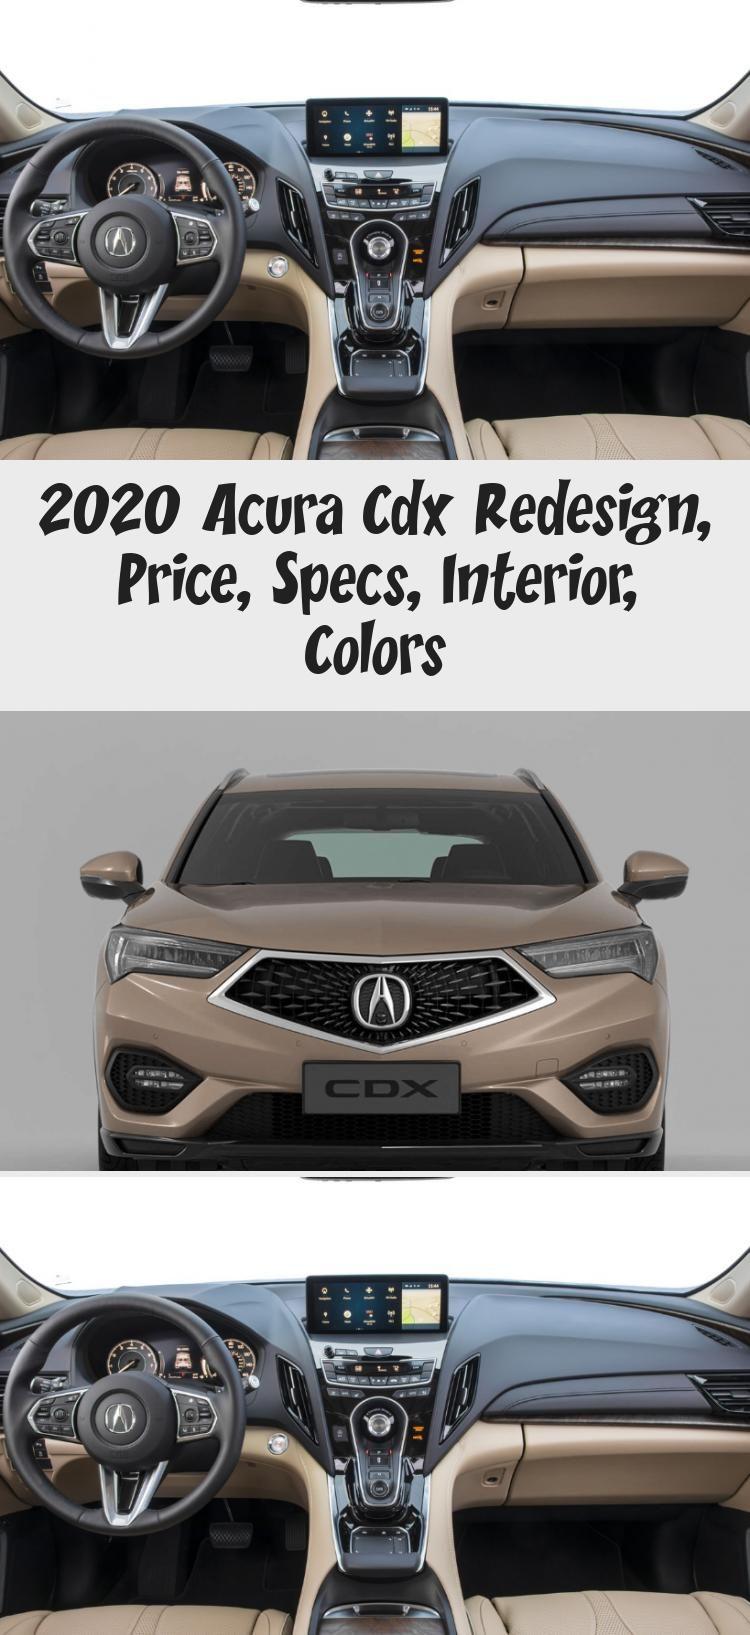 2020 Acura Cdx Redesign Price Specs Interior Colors Acurailx Acuraintegra Acuracutephotos Acuraexhibition Acurarlx Interior Colorful Interiors Specs